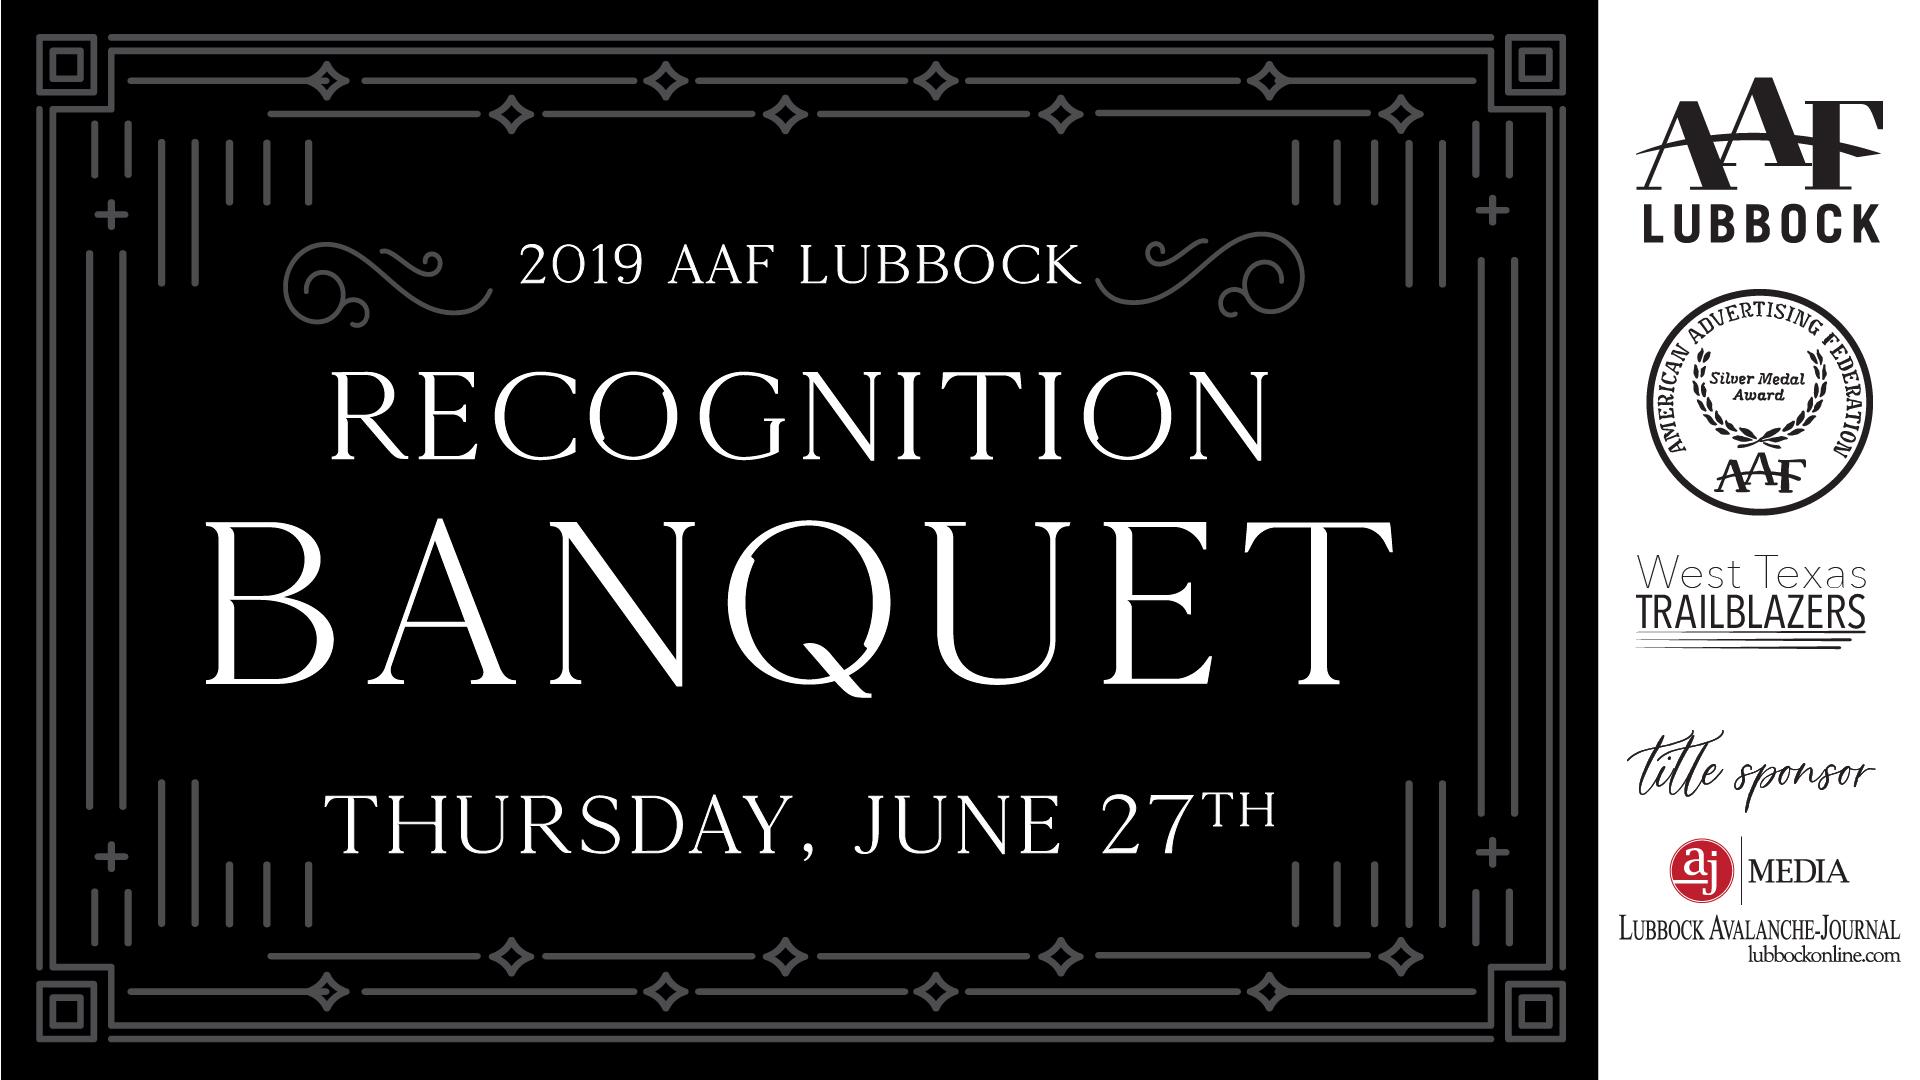 2019-AAF-LBK-Recognition Banquet-Digital-FBEvent.jpg